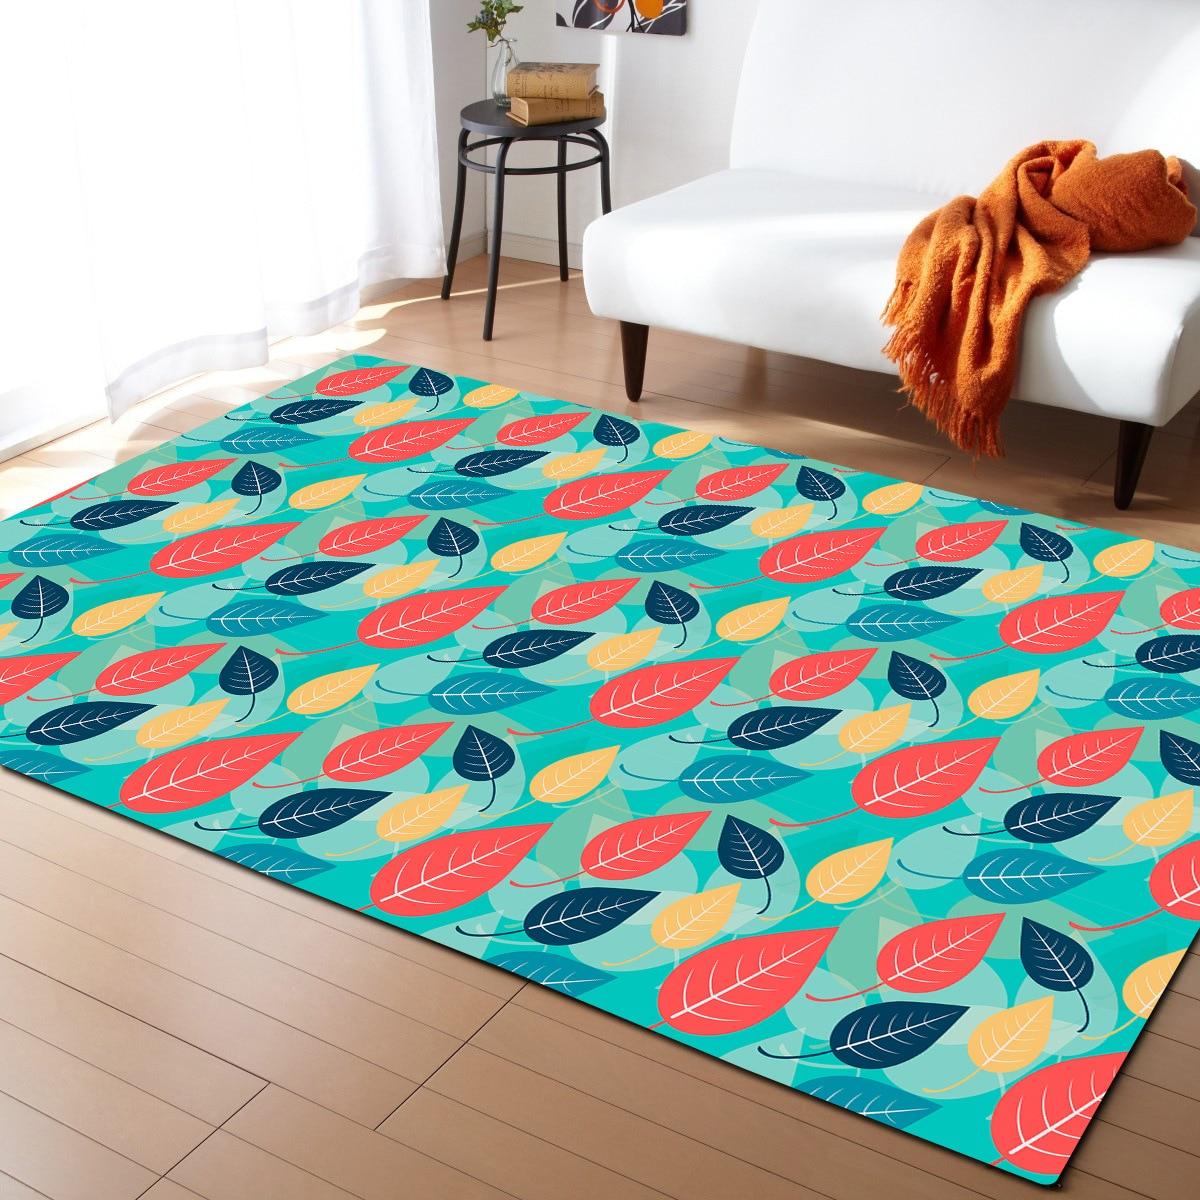 3D feuille motif grande taille tapis pour salon doux moderne chambre tapis anti-dérapant Table à thé rectangulaire tapis de sol-A